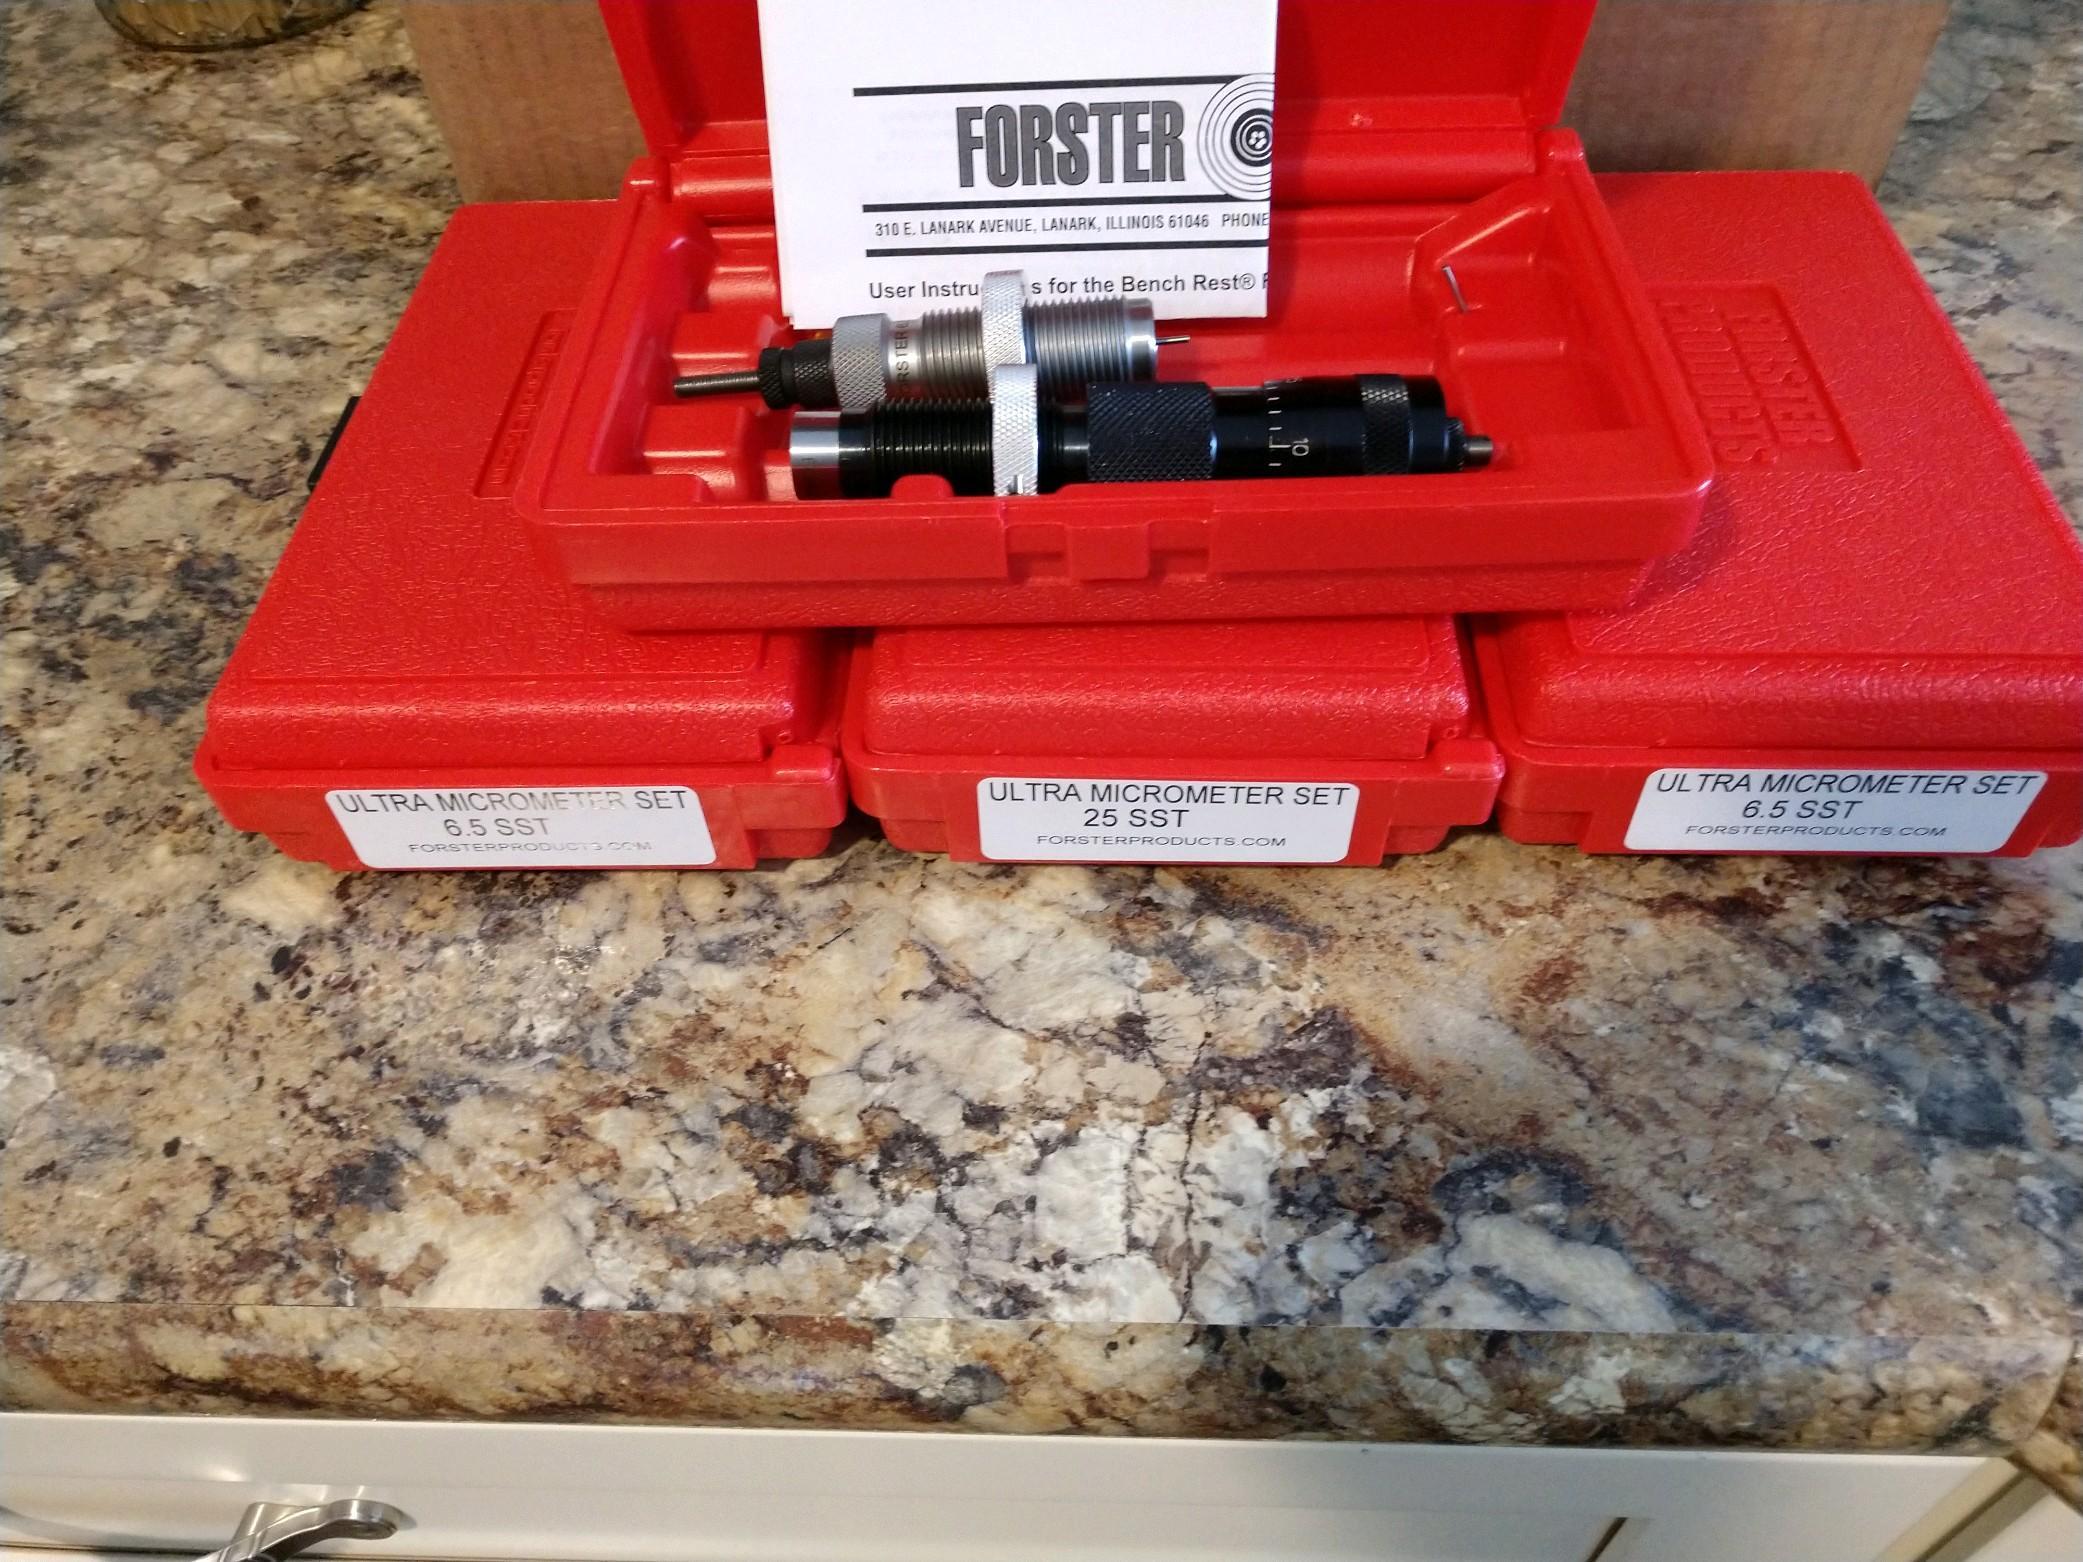 forster die display.jpg